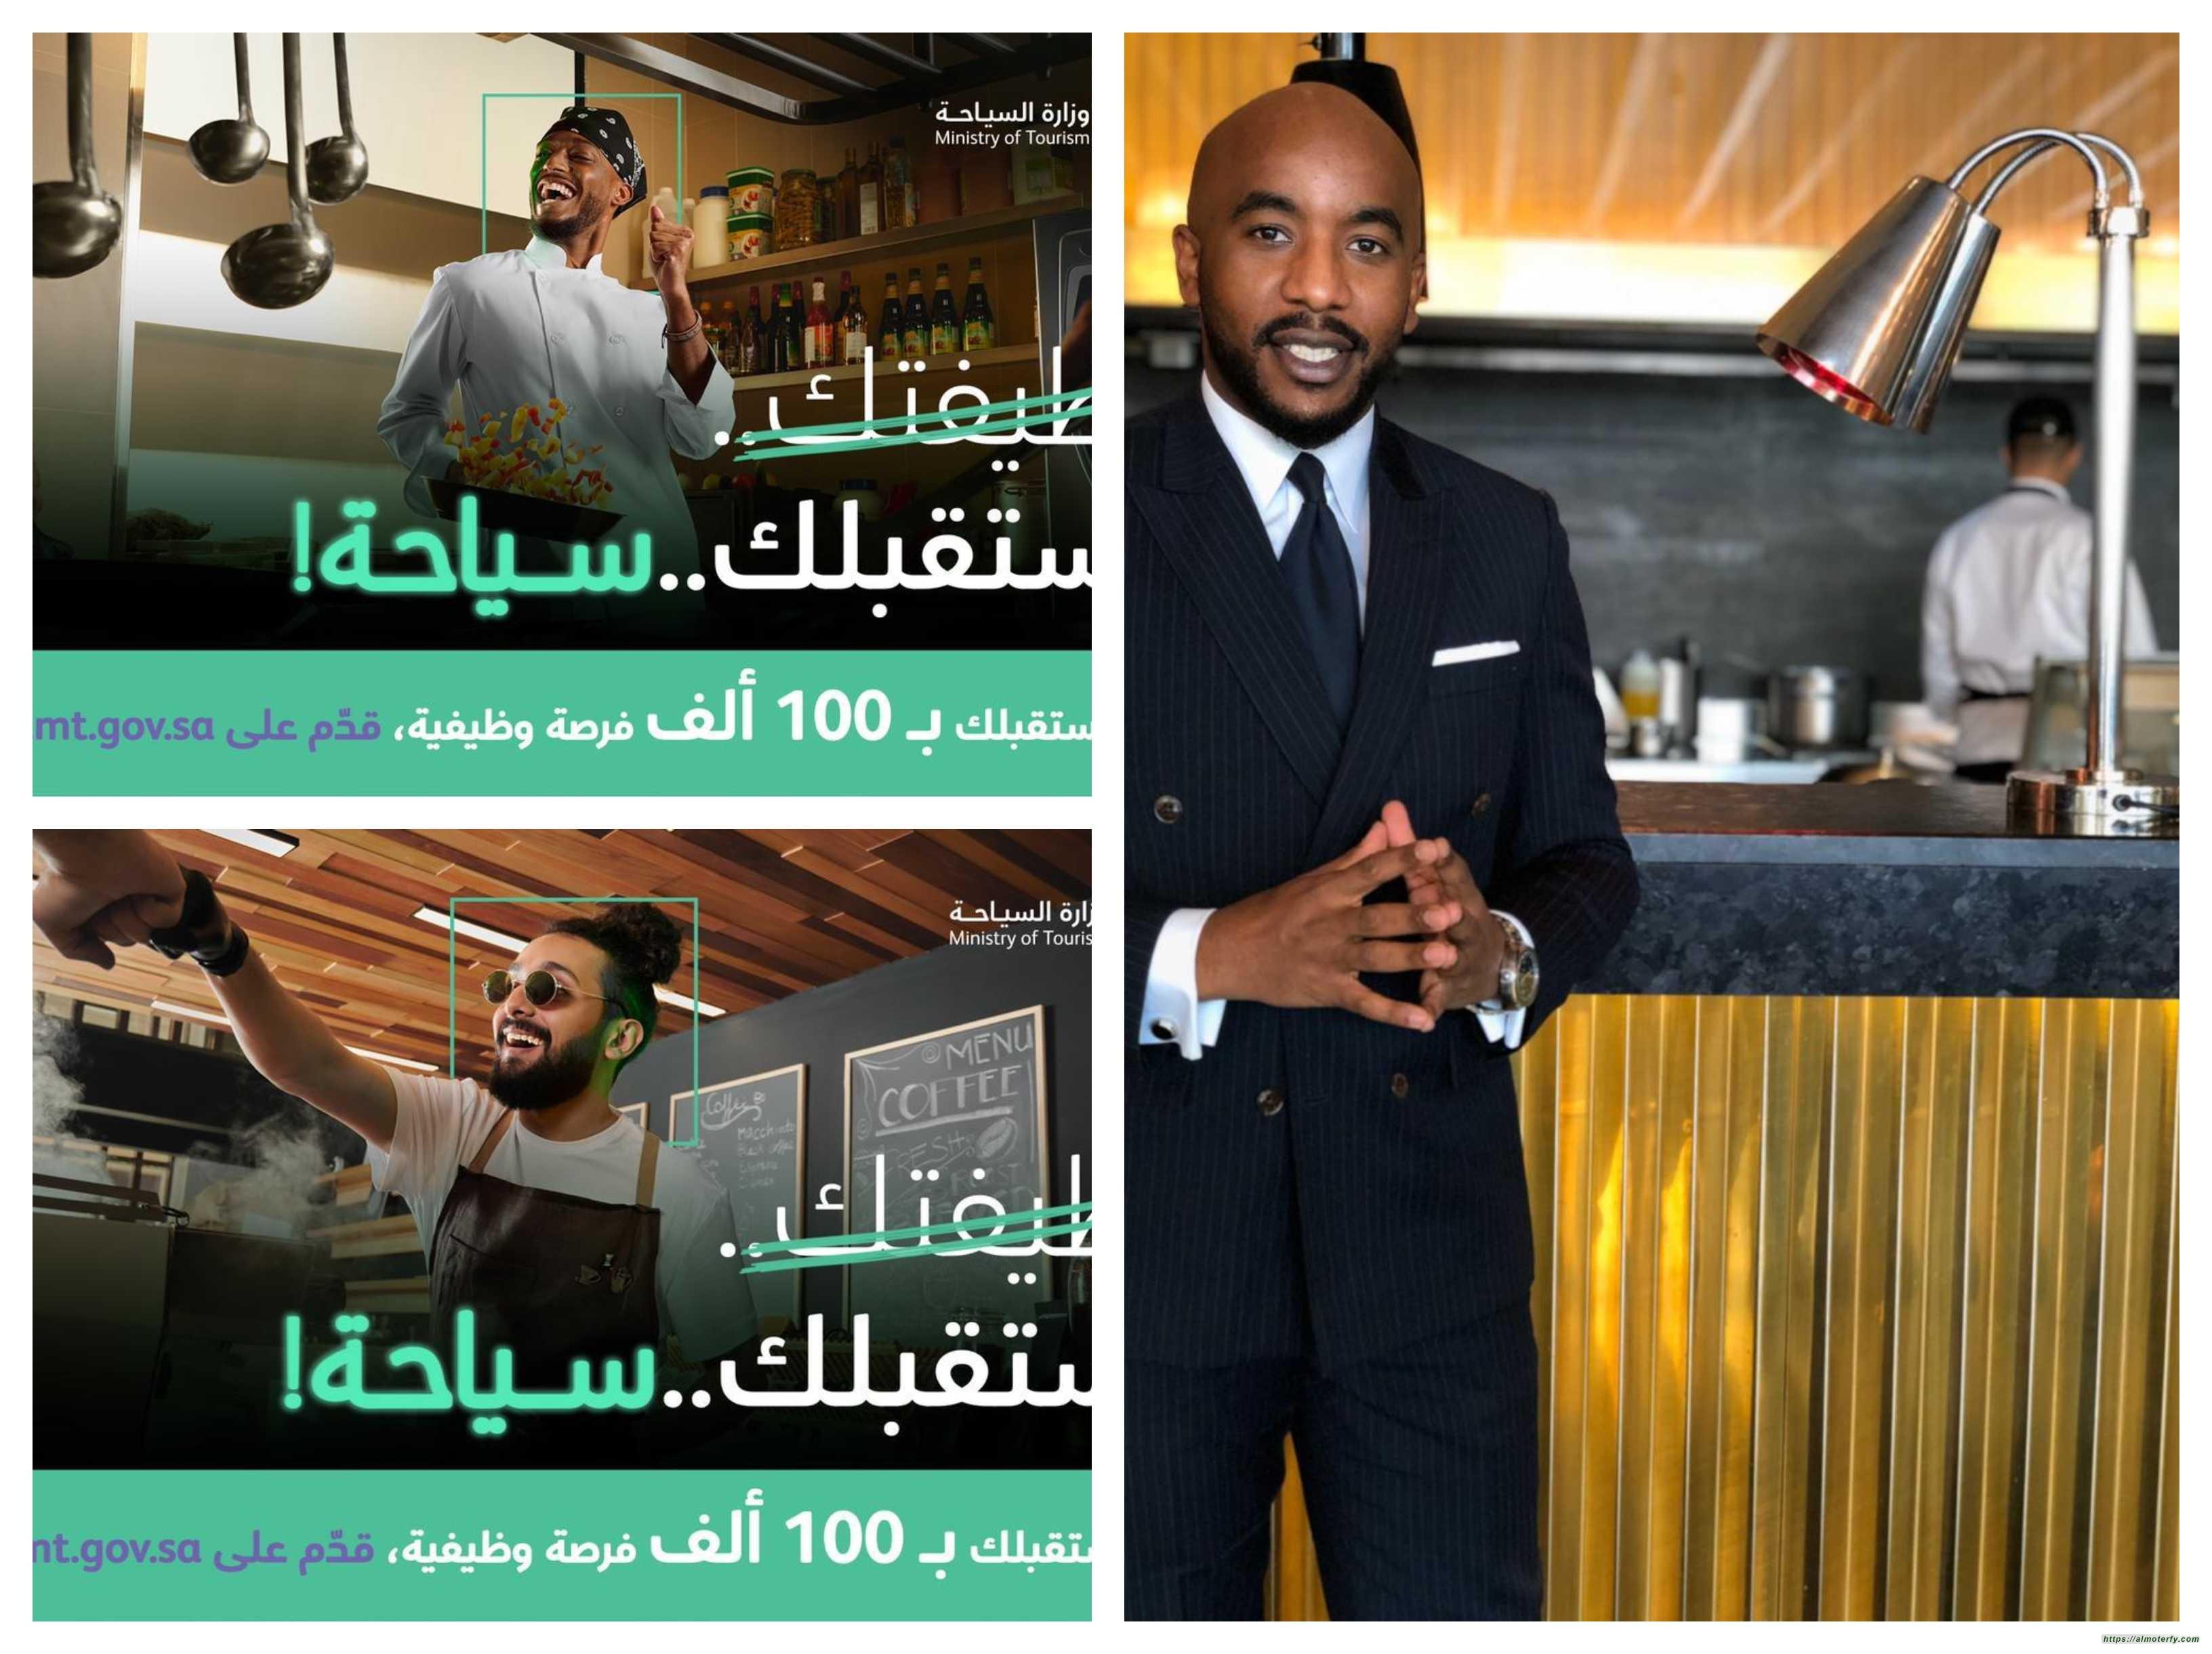 """"""" مجرشي"""" قصة كفاح ملهمة.. من العمل بأحد المطاعم إلى مستثمر مؤكدًا أن """"مستقبلك سياحة"""" سيفتح آفاق المستقبل للشباب"""